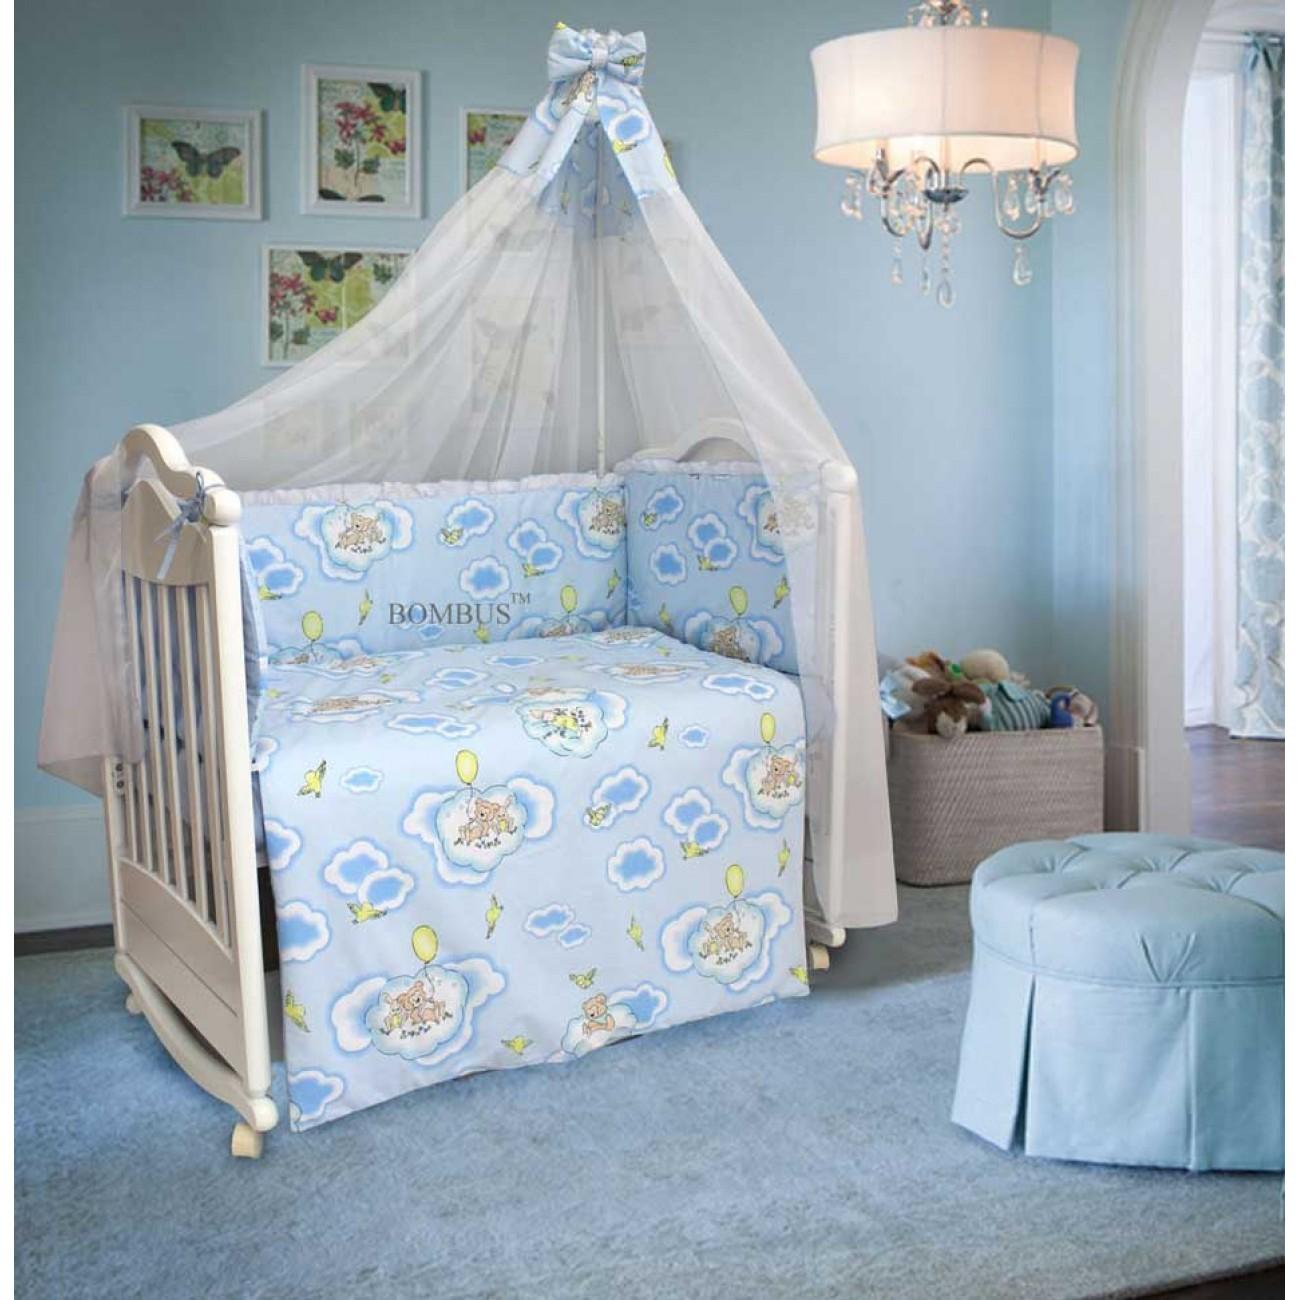 Бампер в кроватку – Сладкий сон, голубойБампер в кроватку<br>Бампер в кроватку – Сладкий сон, голубой<br>